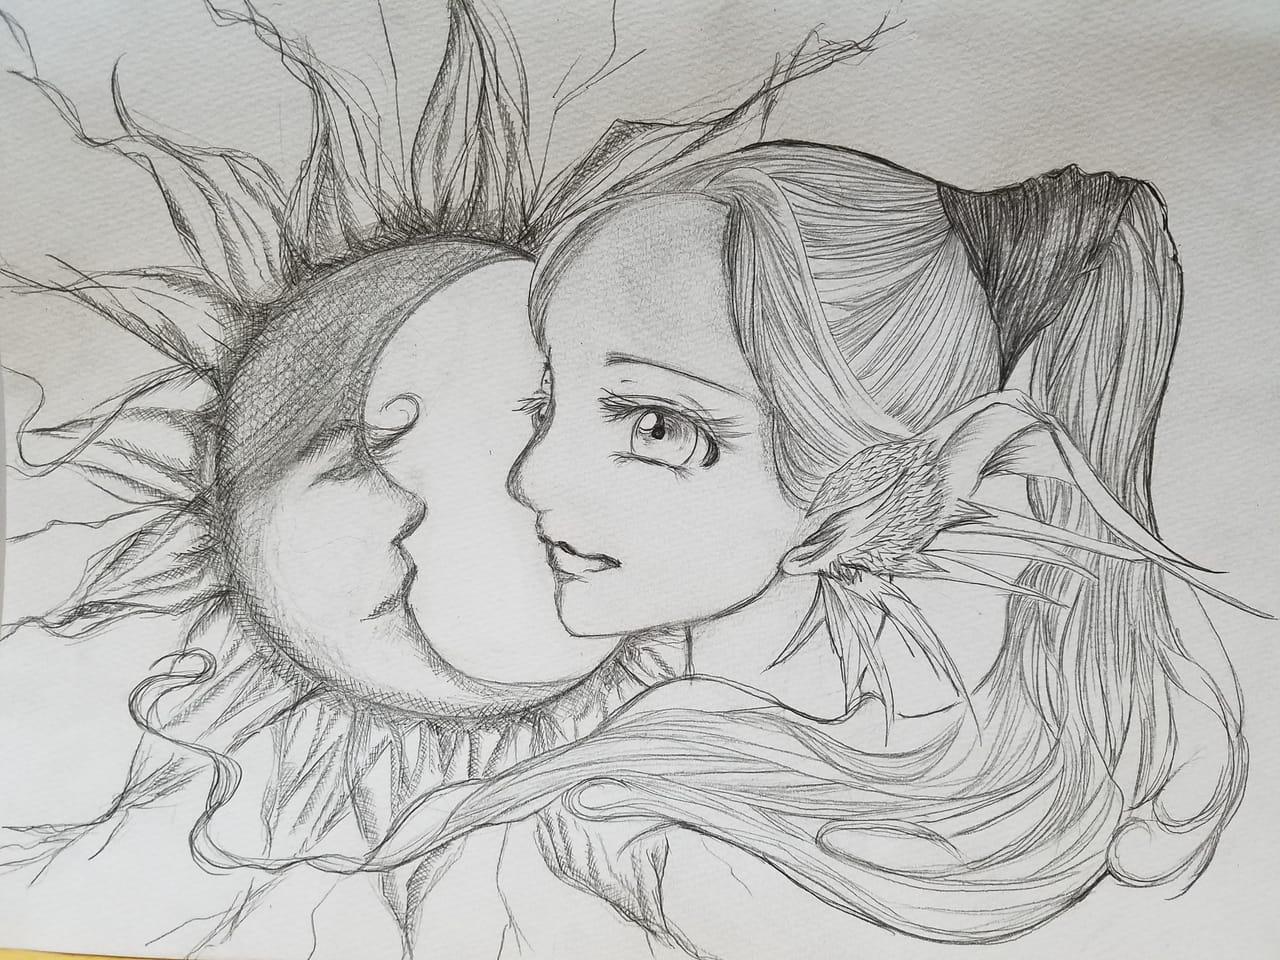 オリキャラ Illust of おかかうめ アナログ 下書き 鉛筆 oc sketch moon girl ファンタジー風 line_art doodle